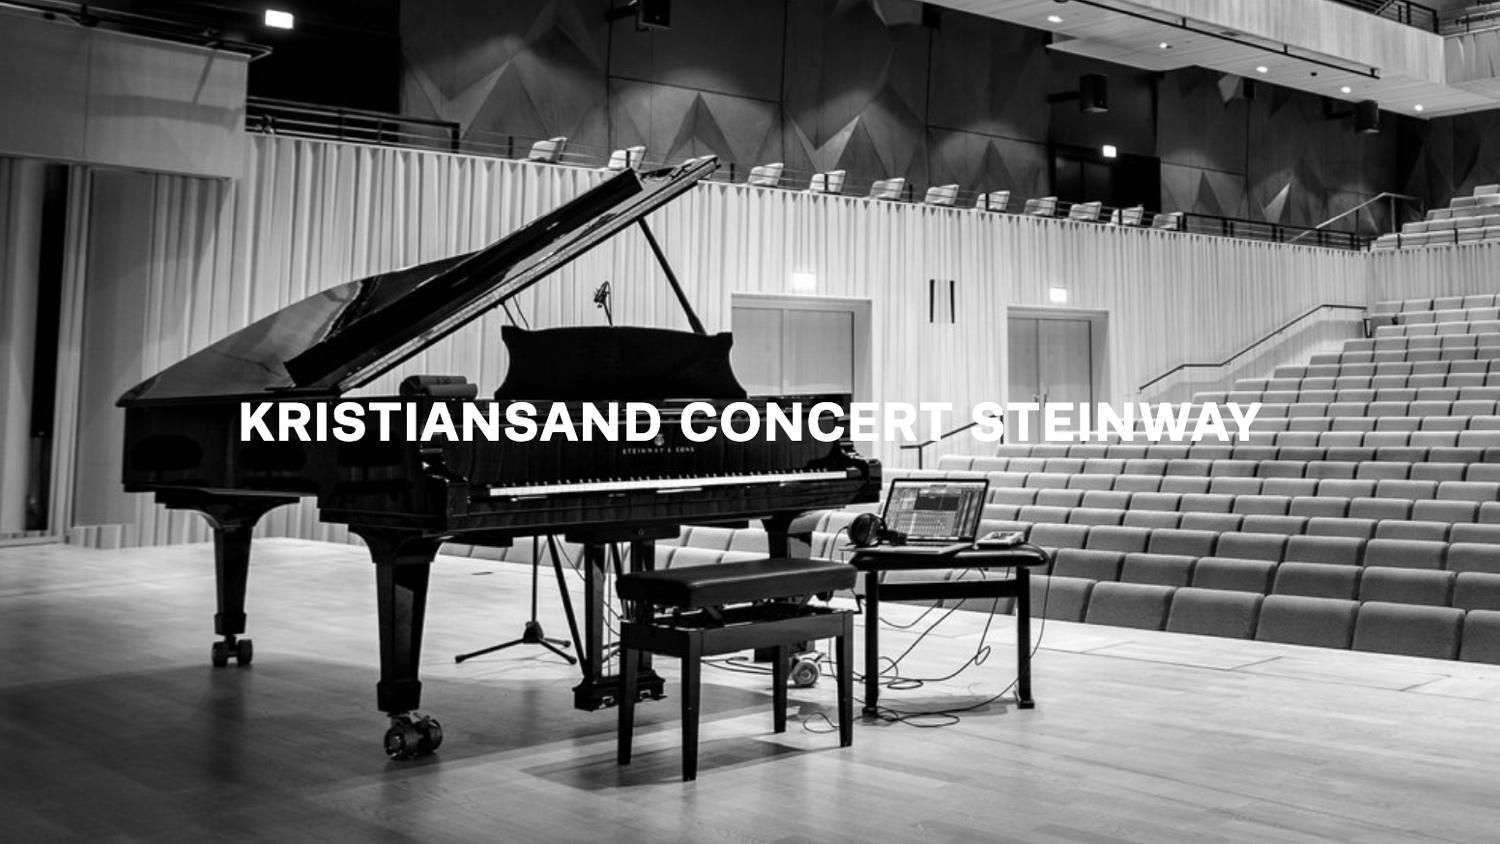 Kristiansand Concert.jpg